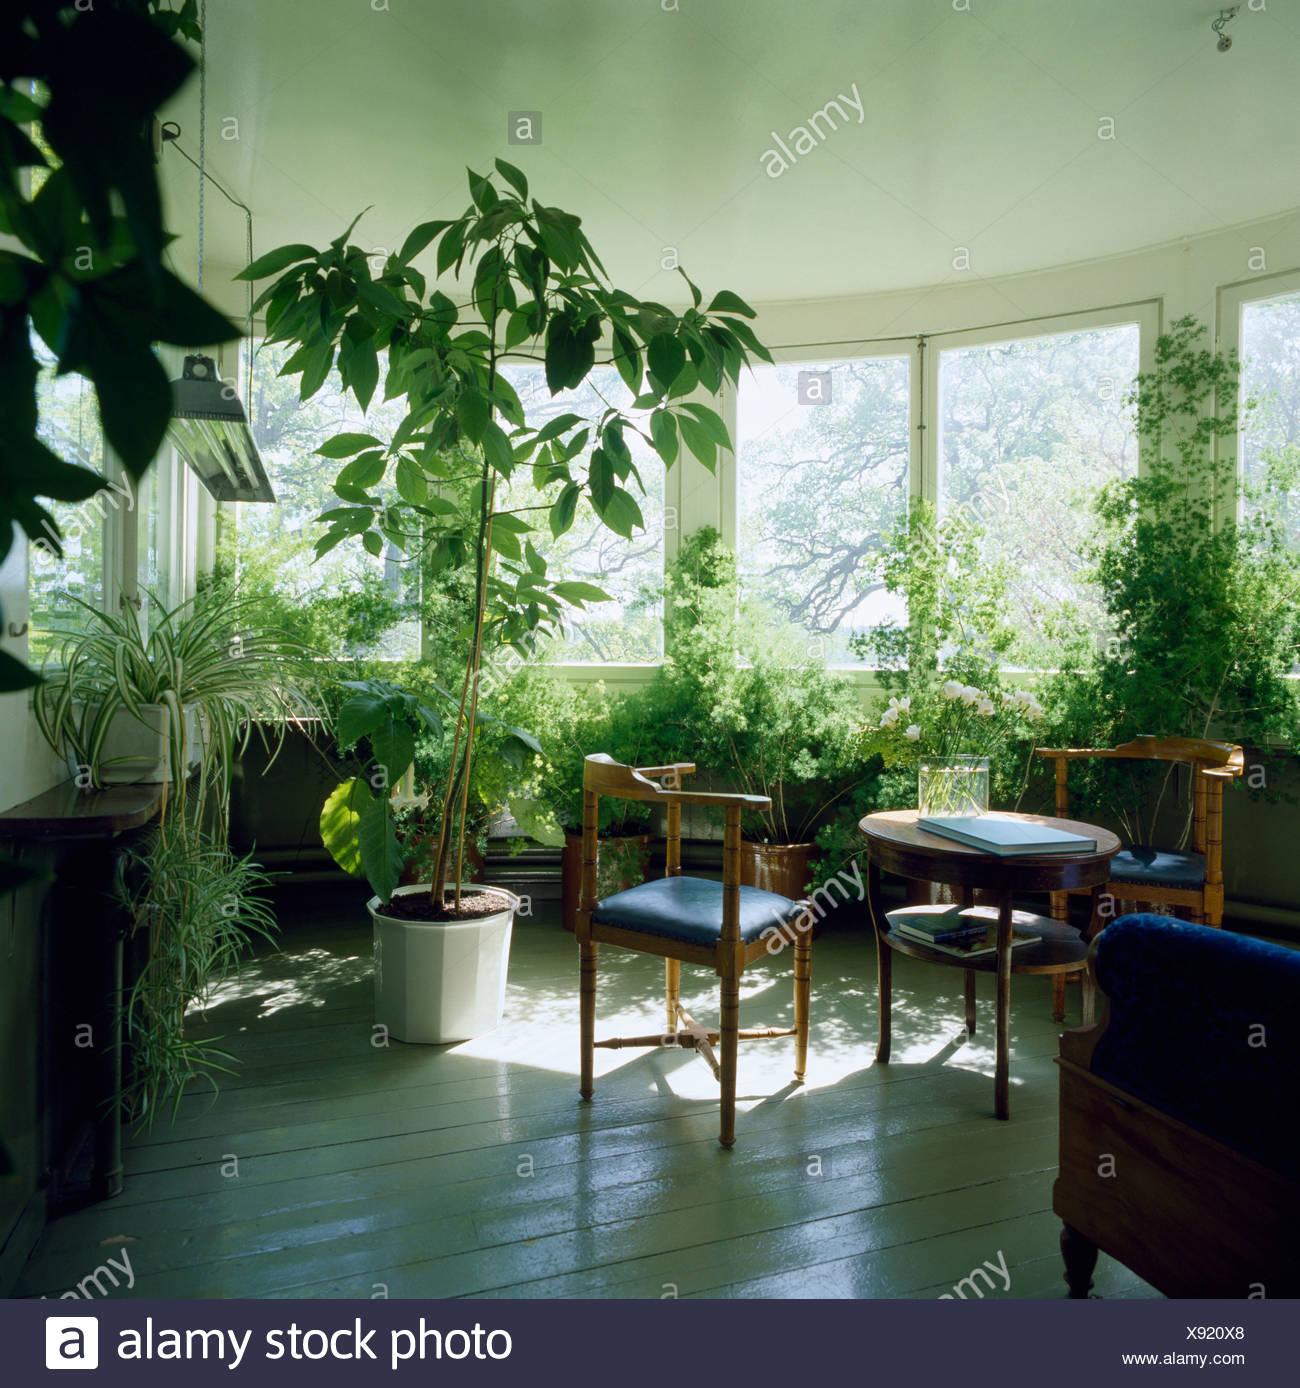 grosse grune zimmerpflanzen und einfach tisch und stuhle im weissen wintergarten mit weiss lackierten holzboden